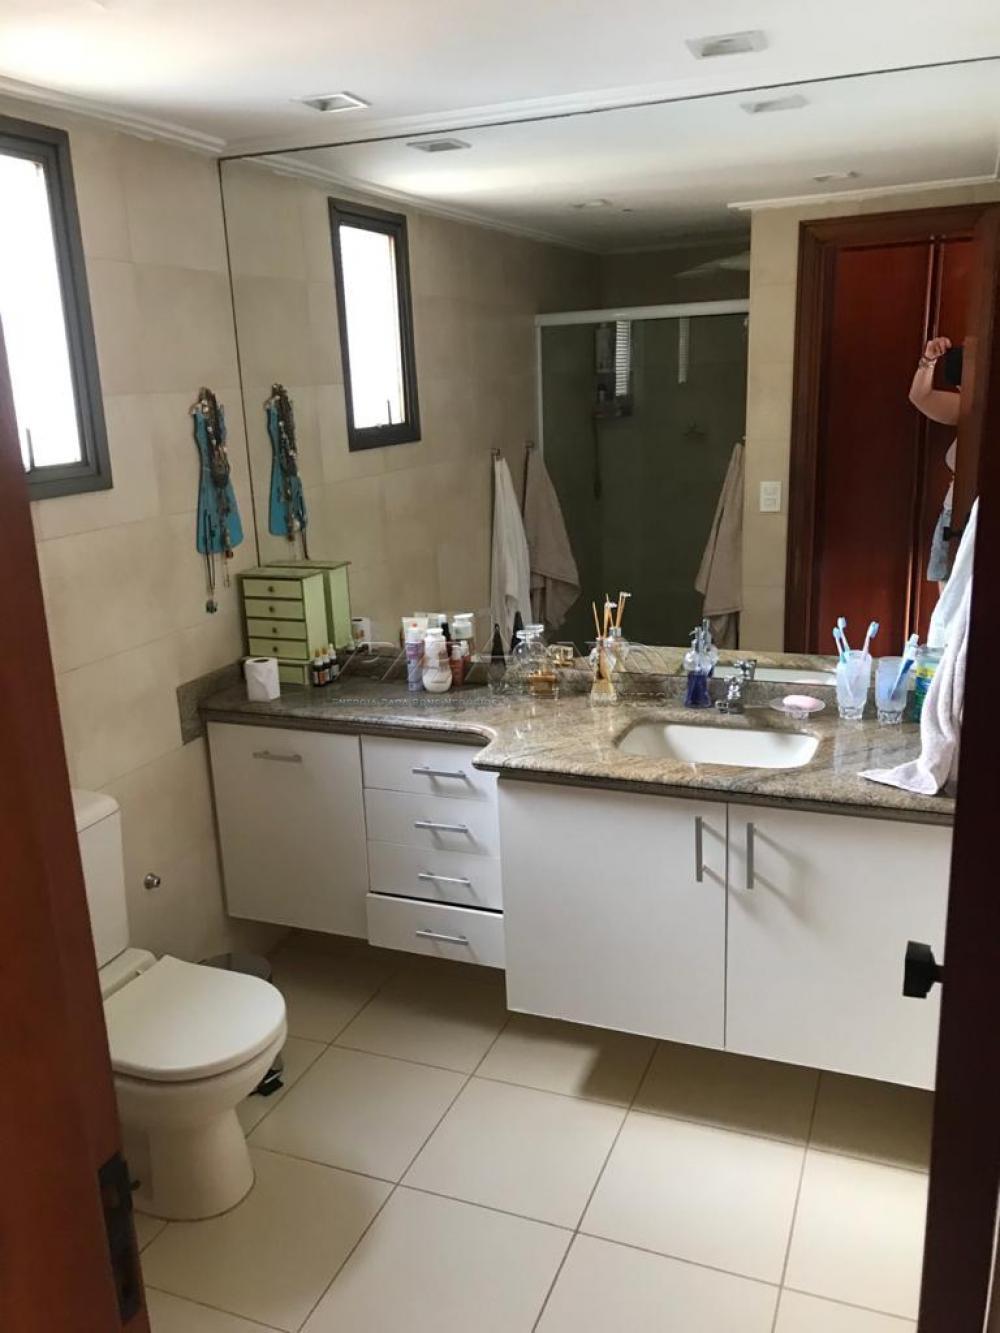 Comprar Apartamento / Padrão em Ribeirão Preto apenas R$ 550.000,00 - Foto 16